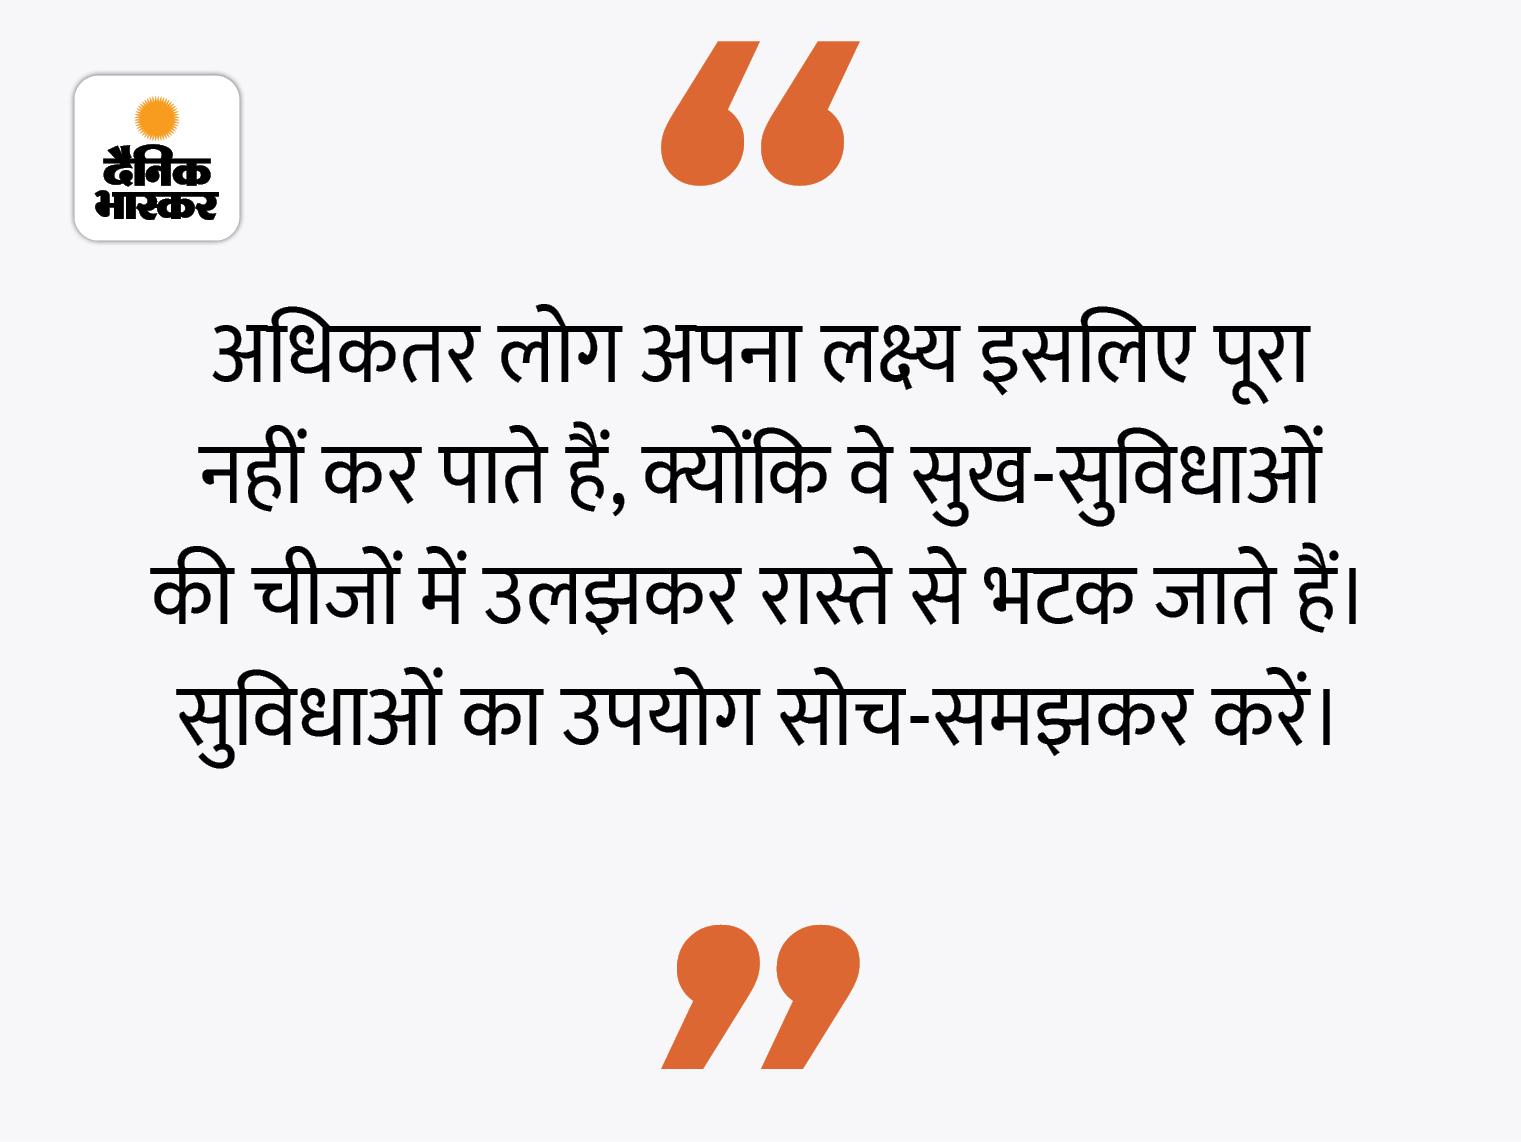 लक्ष्य की ओर बढ़ते समय कई तरह के प्रलोभन मिलते हैं, लेकिन हमें रुकना नहीं है|धर्म,Dharm - Dainik Bhaskar